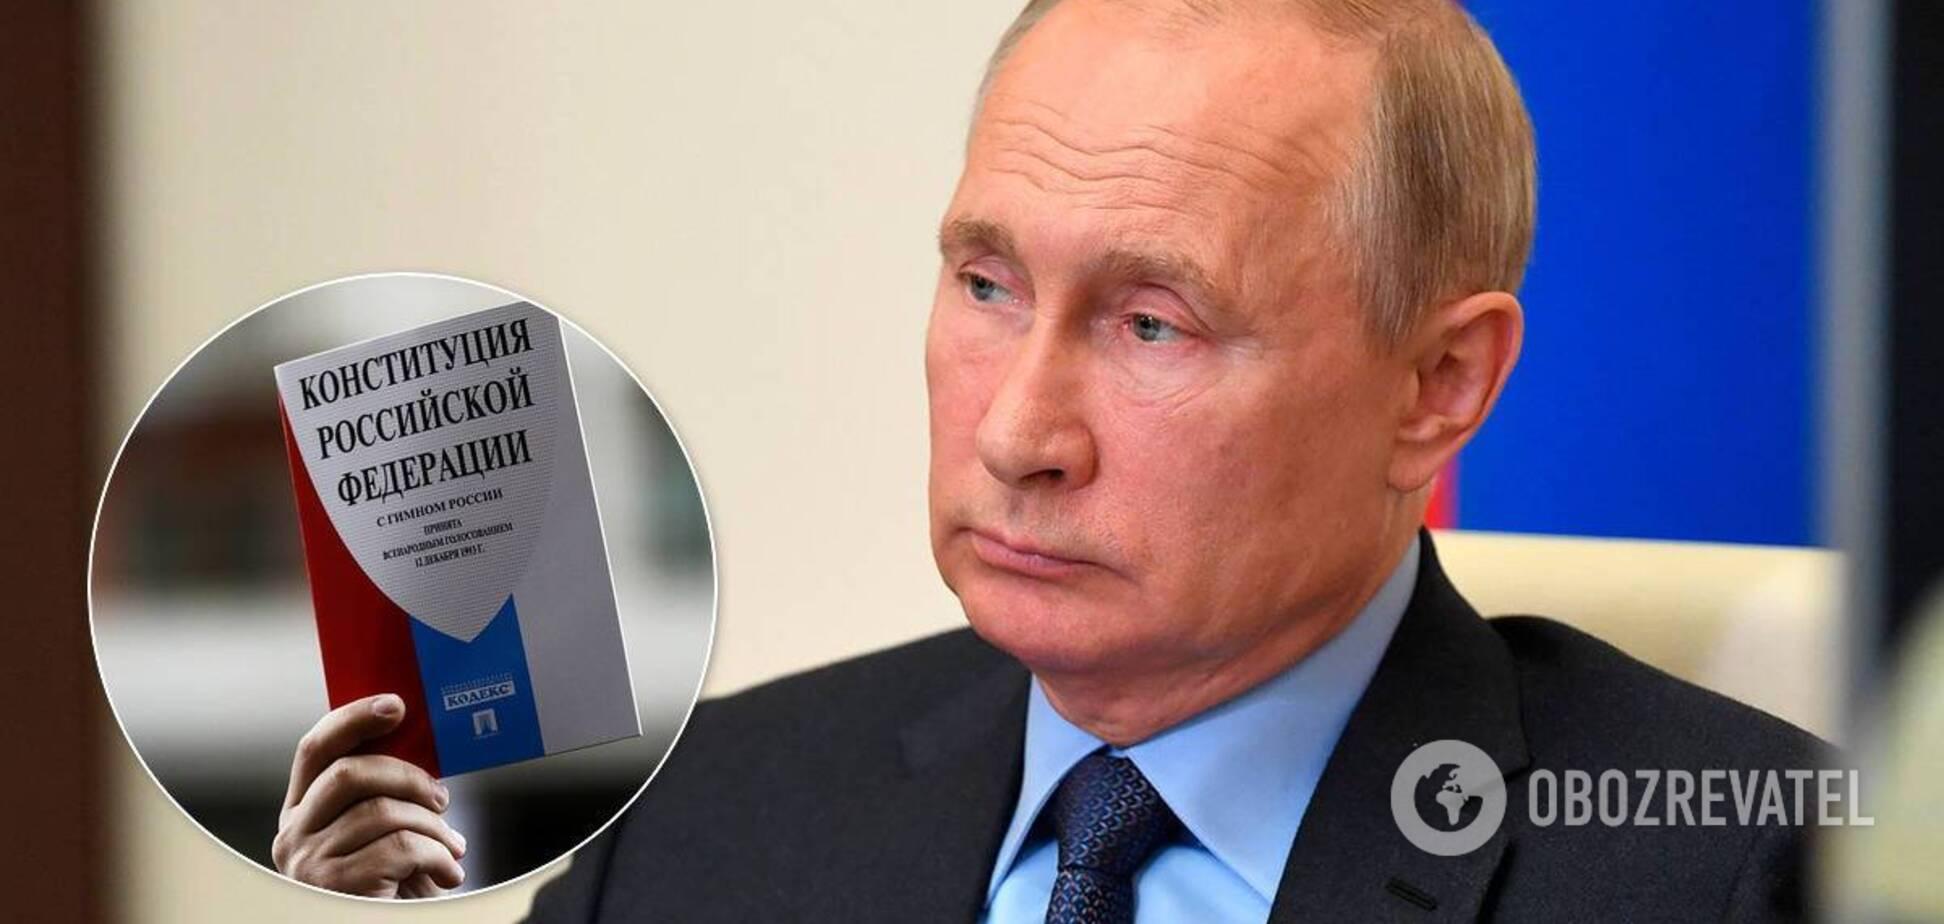 Пономарьов вважає, що влада Путіна йде на дно